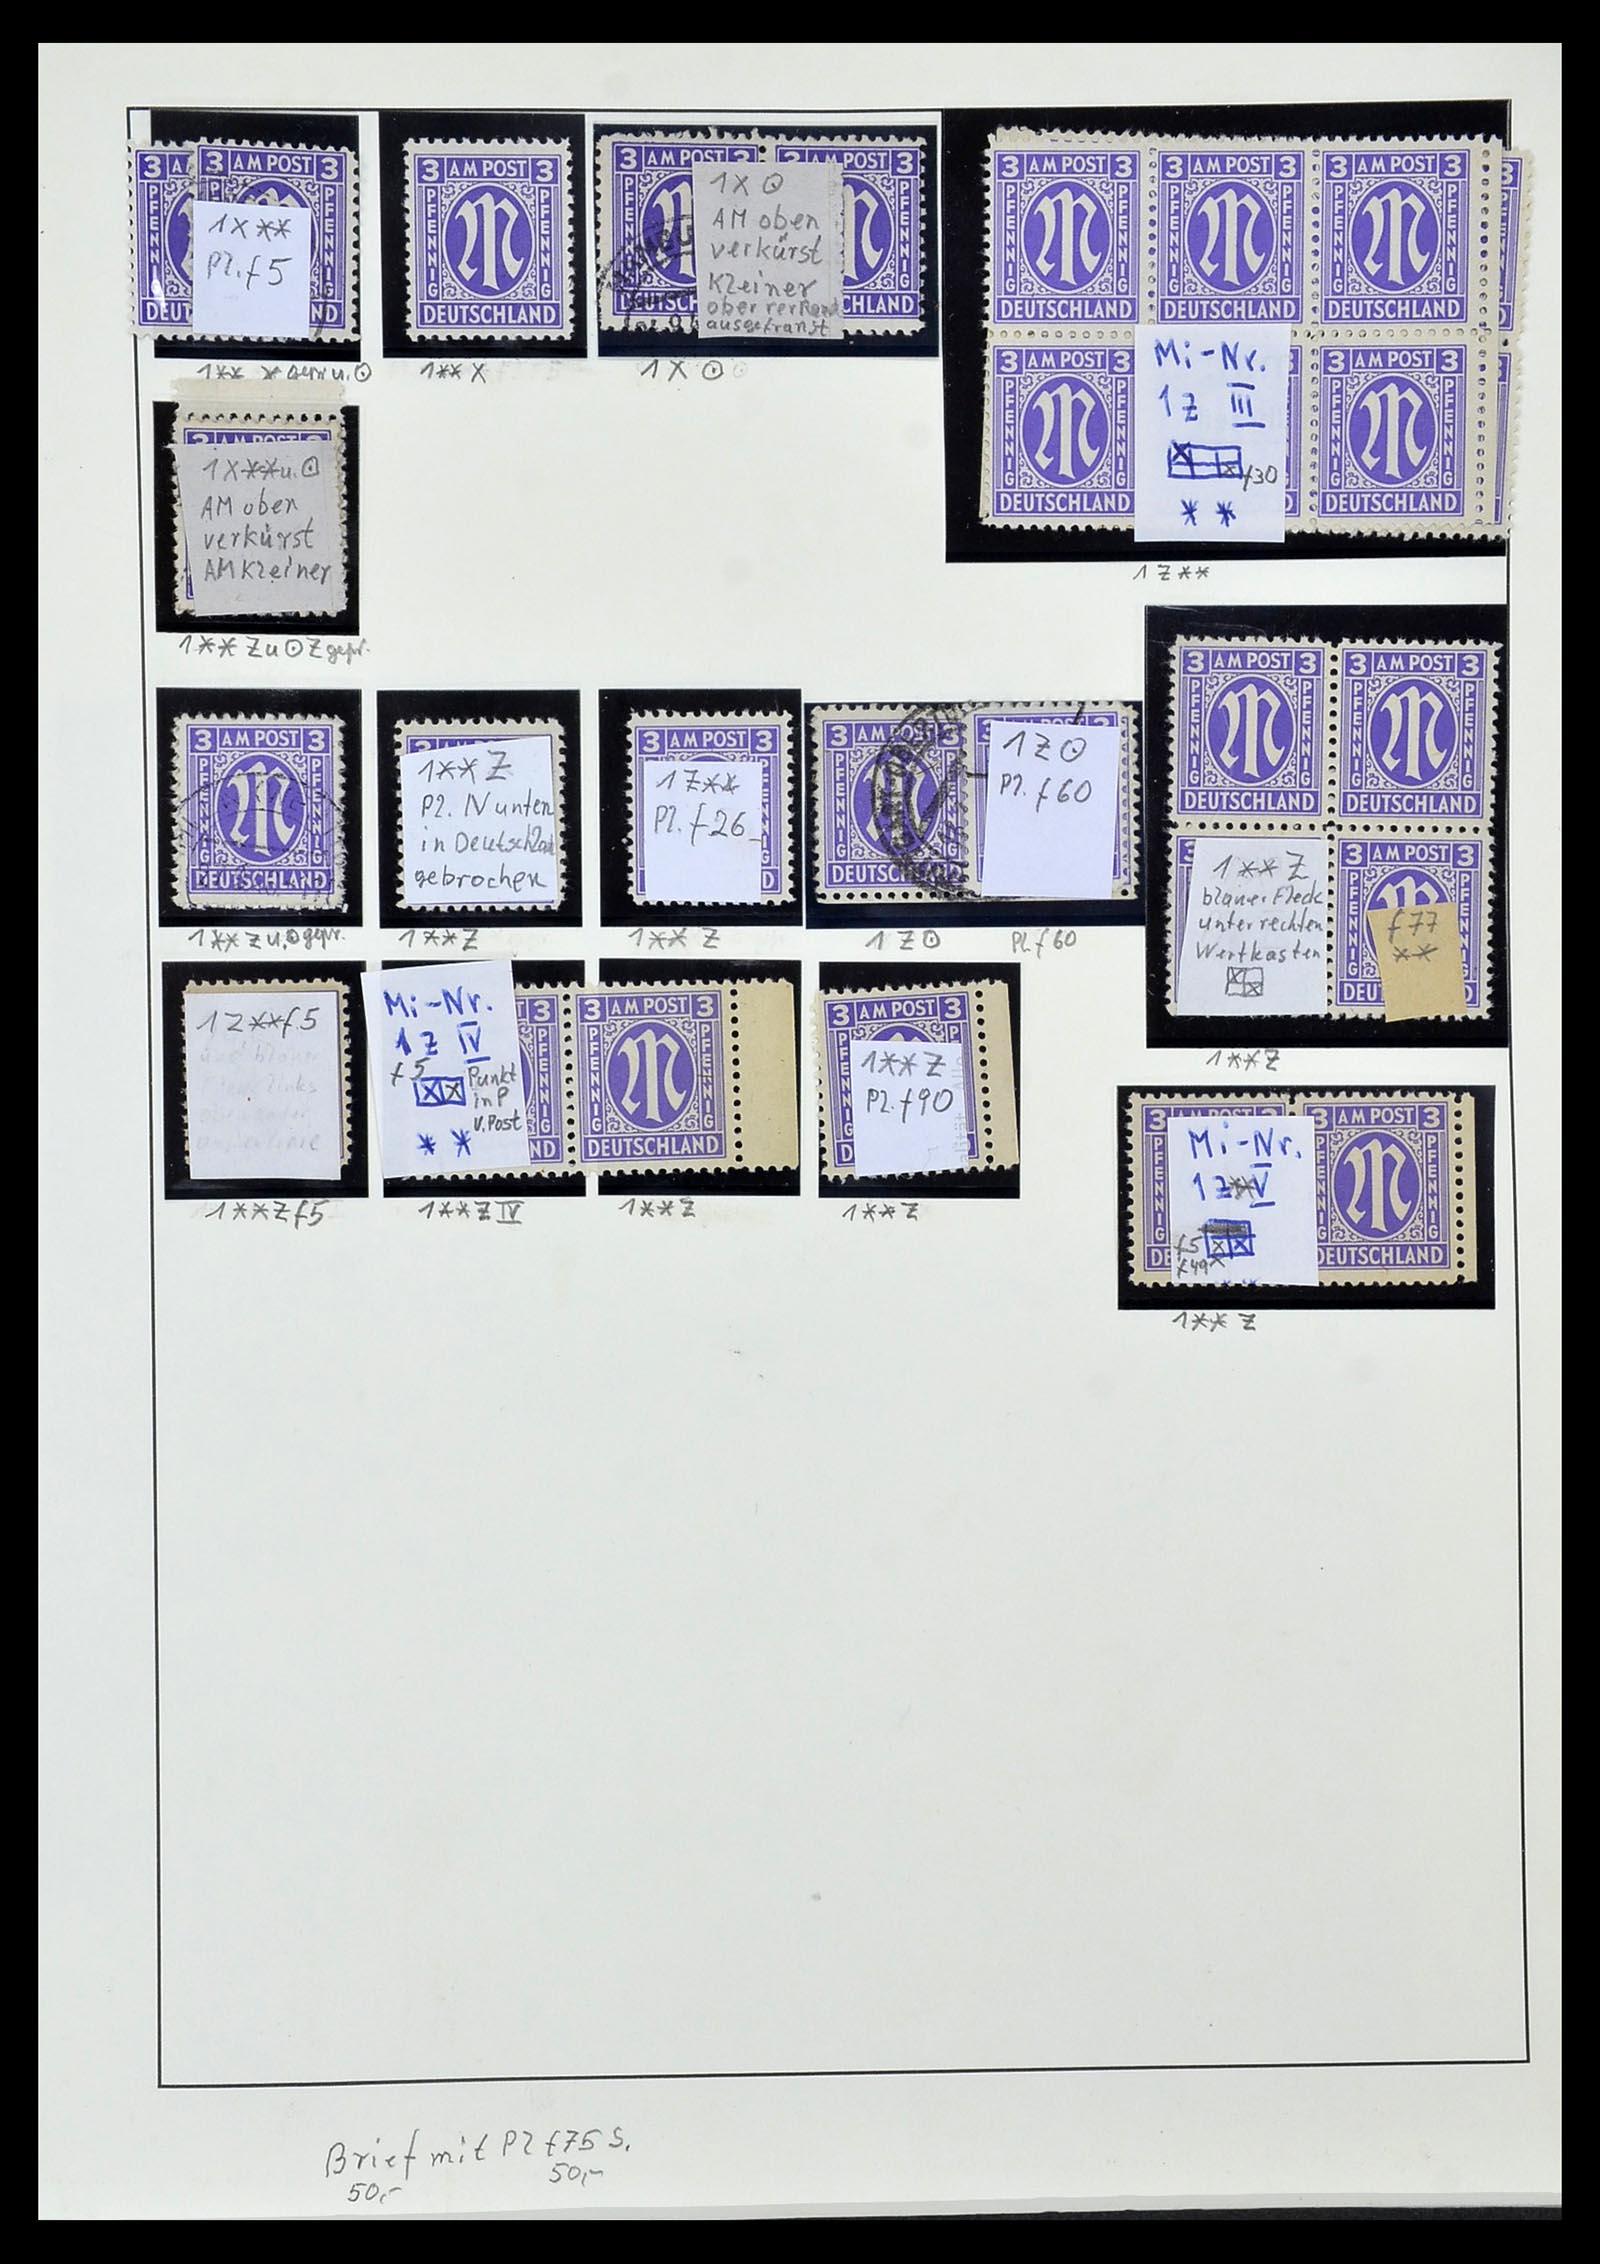 34152 012 - Postzegelverzameling 34152 Duitse Zones 1945-1949.